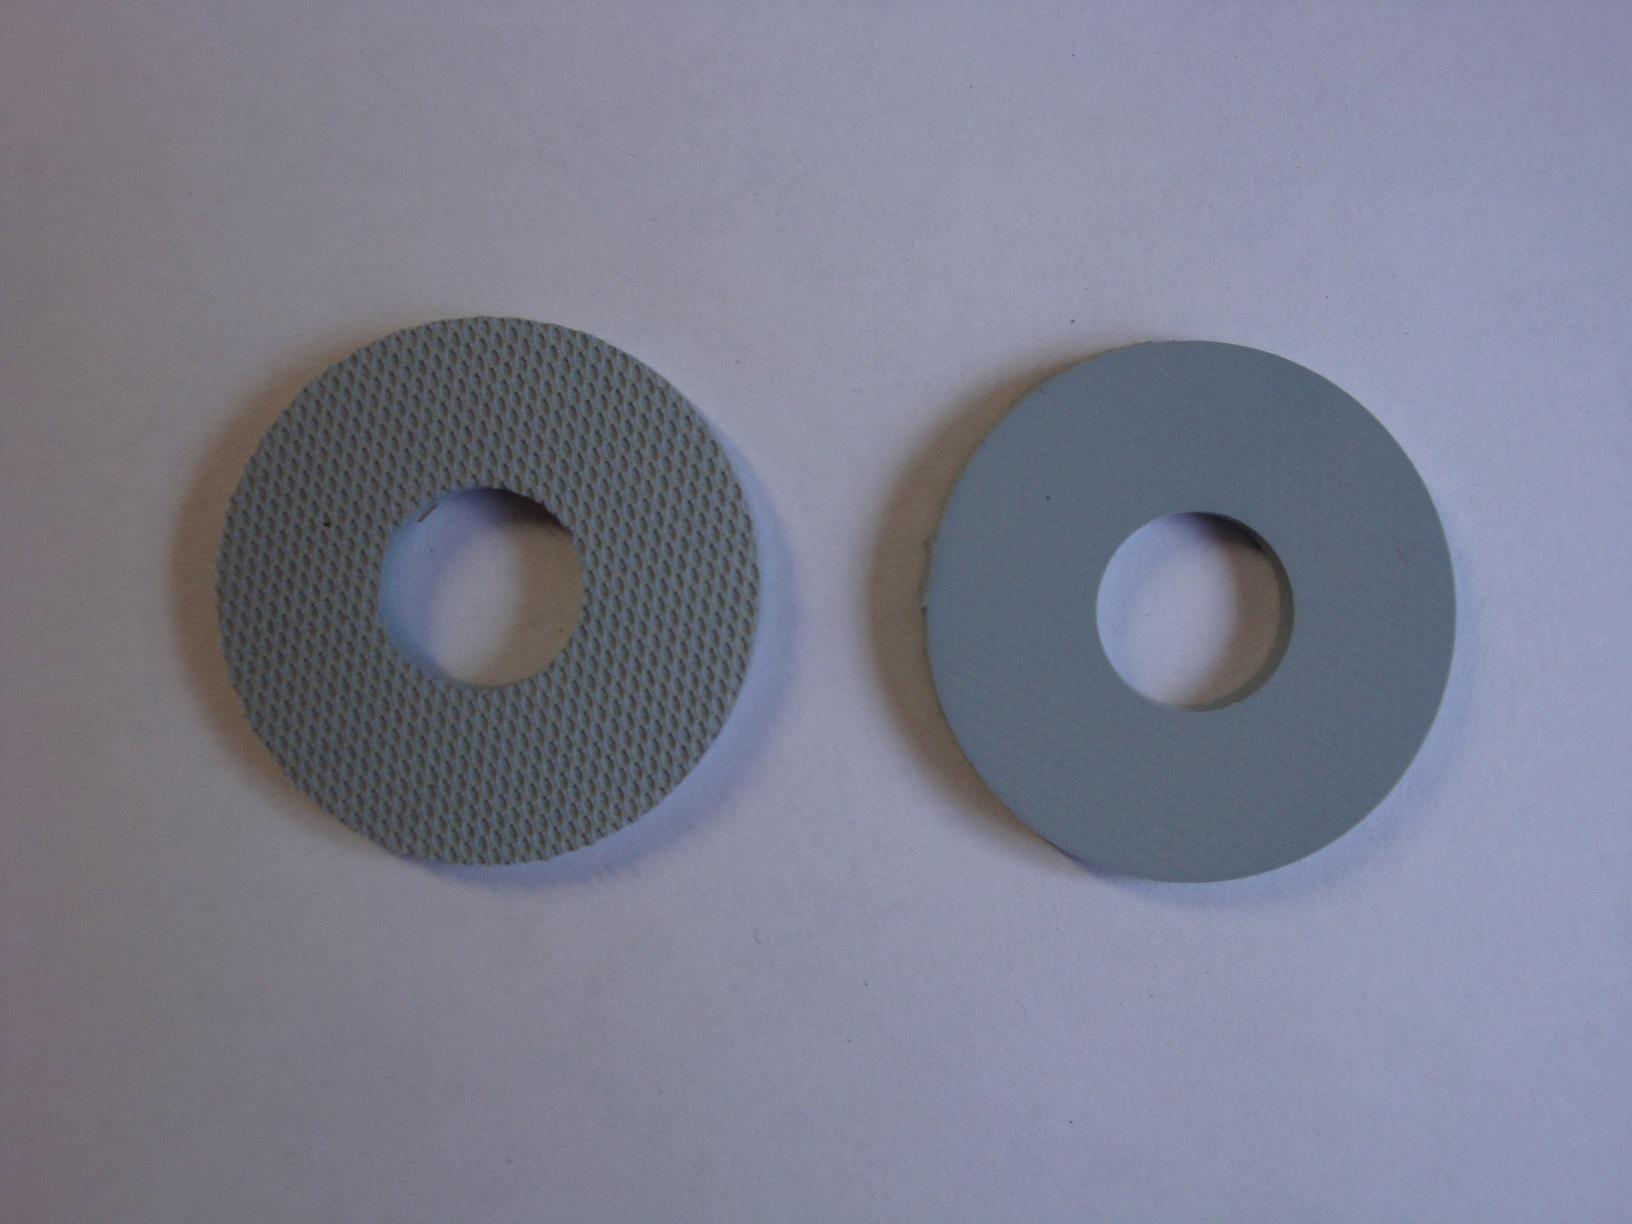 прокладки из натурального каучука